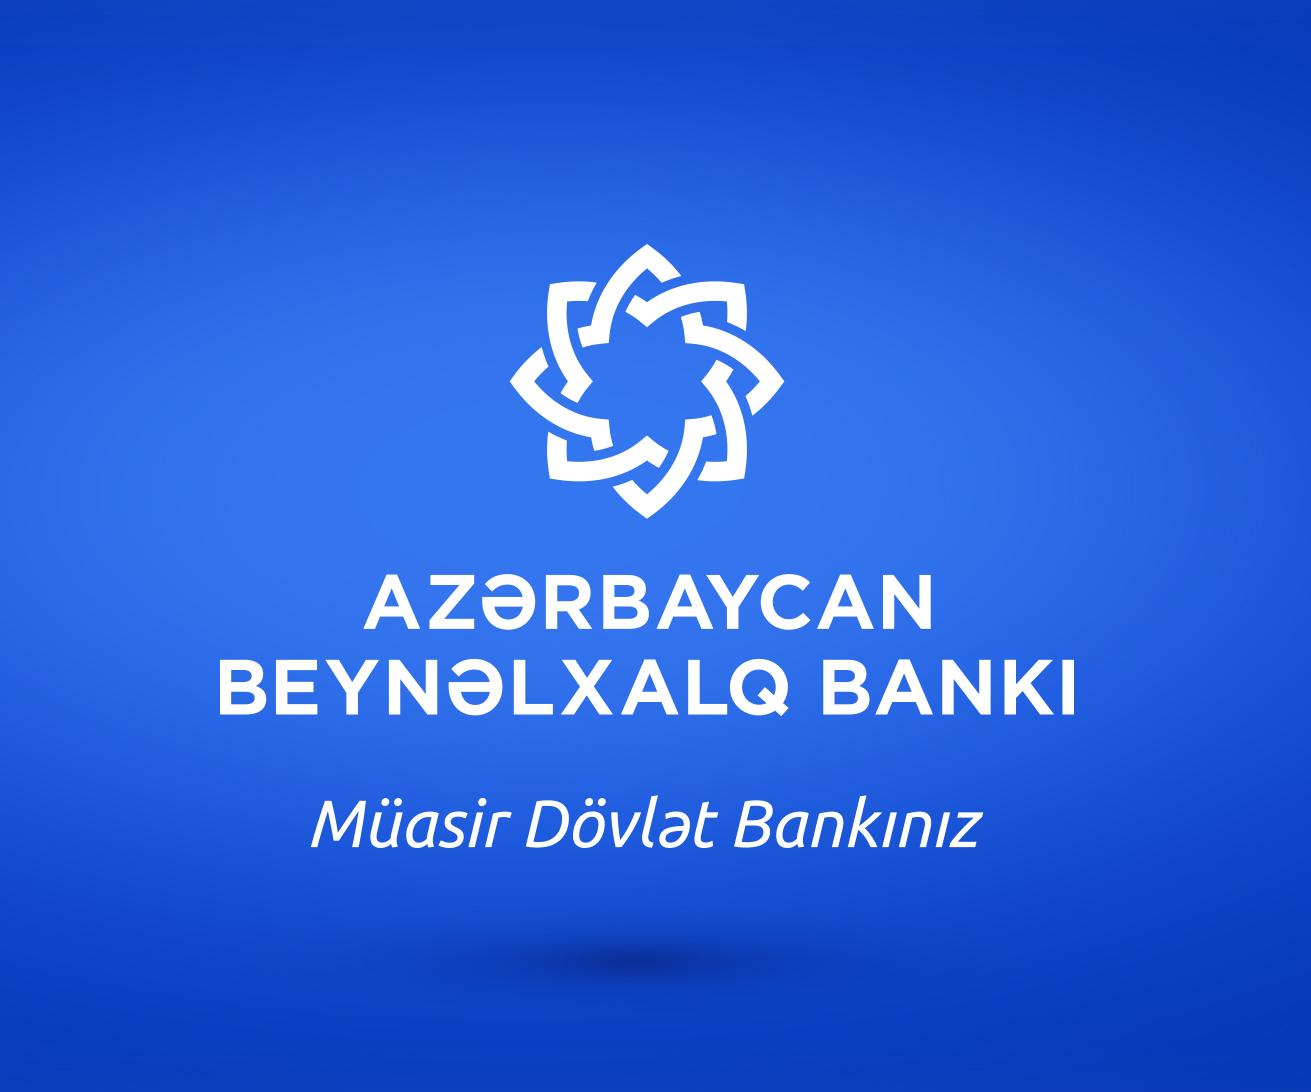 Международный Банк Азербайджана принимает участие в ежегодной конференции SIBOS - 2017